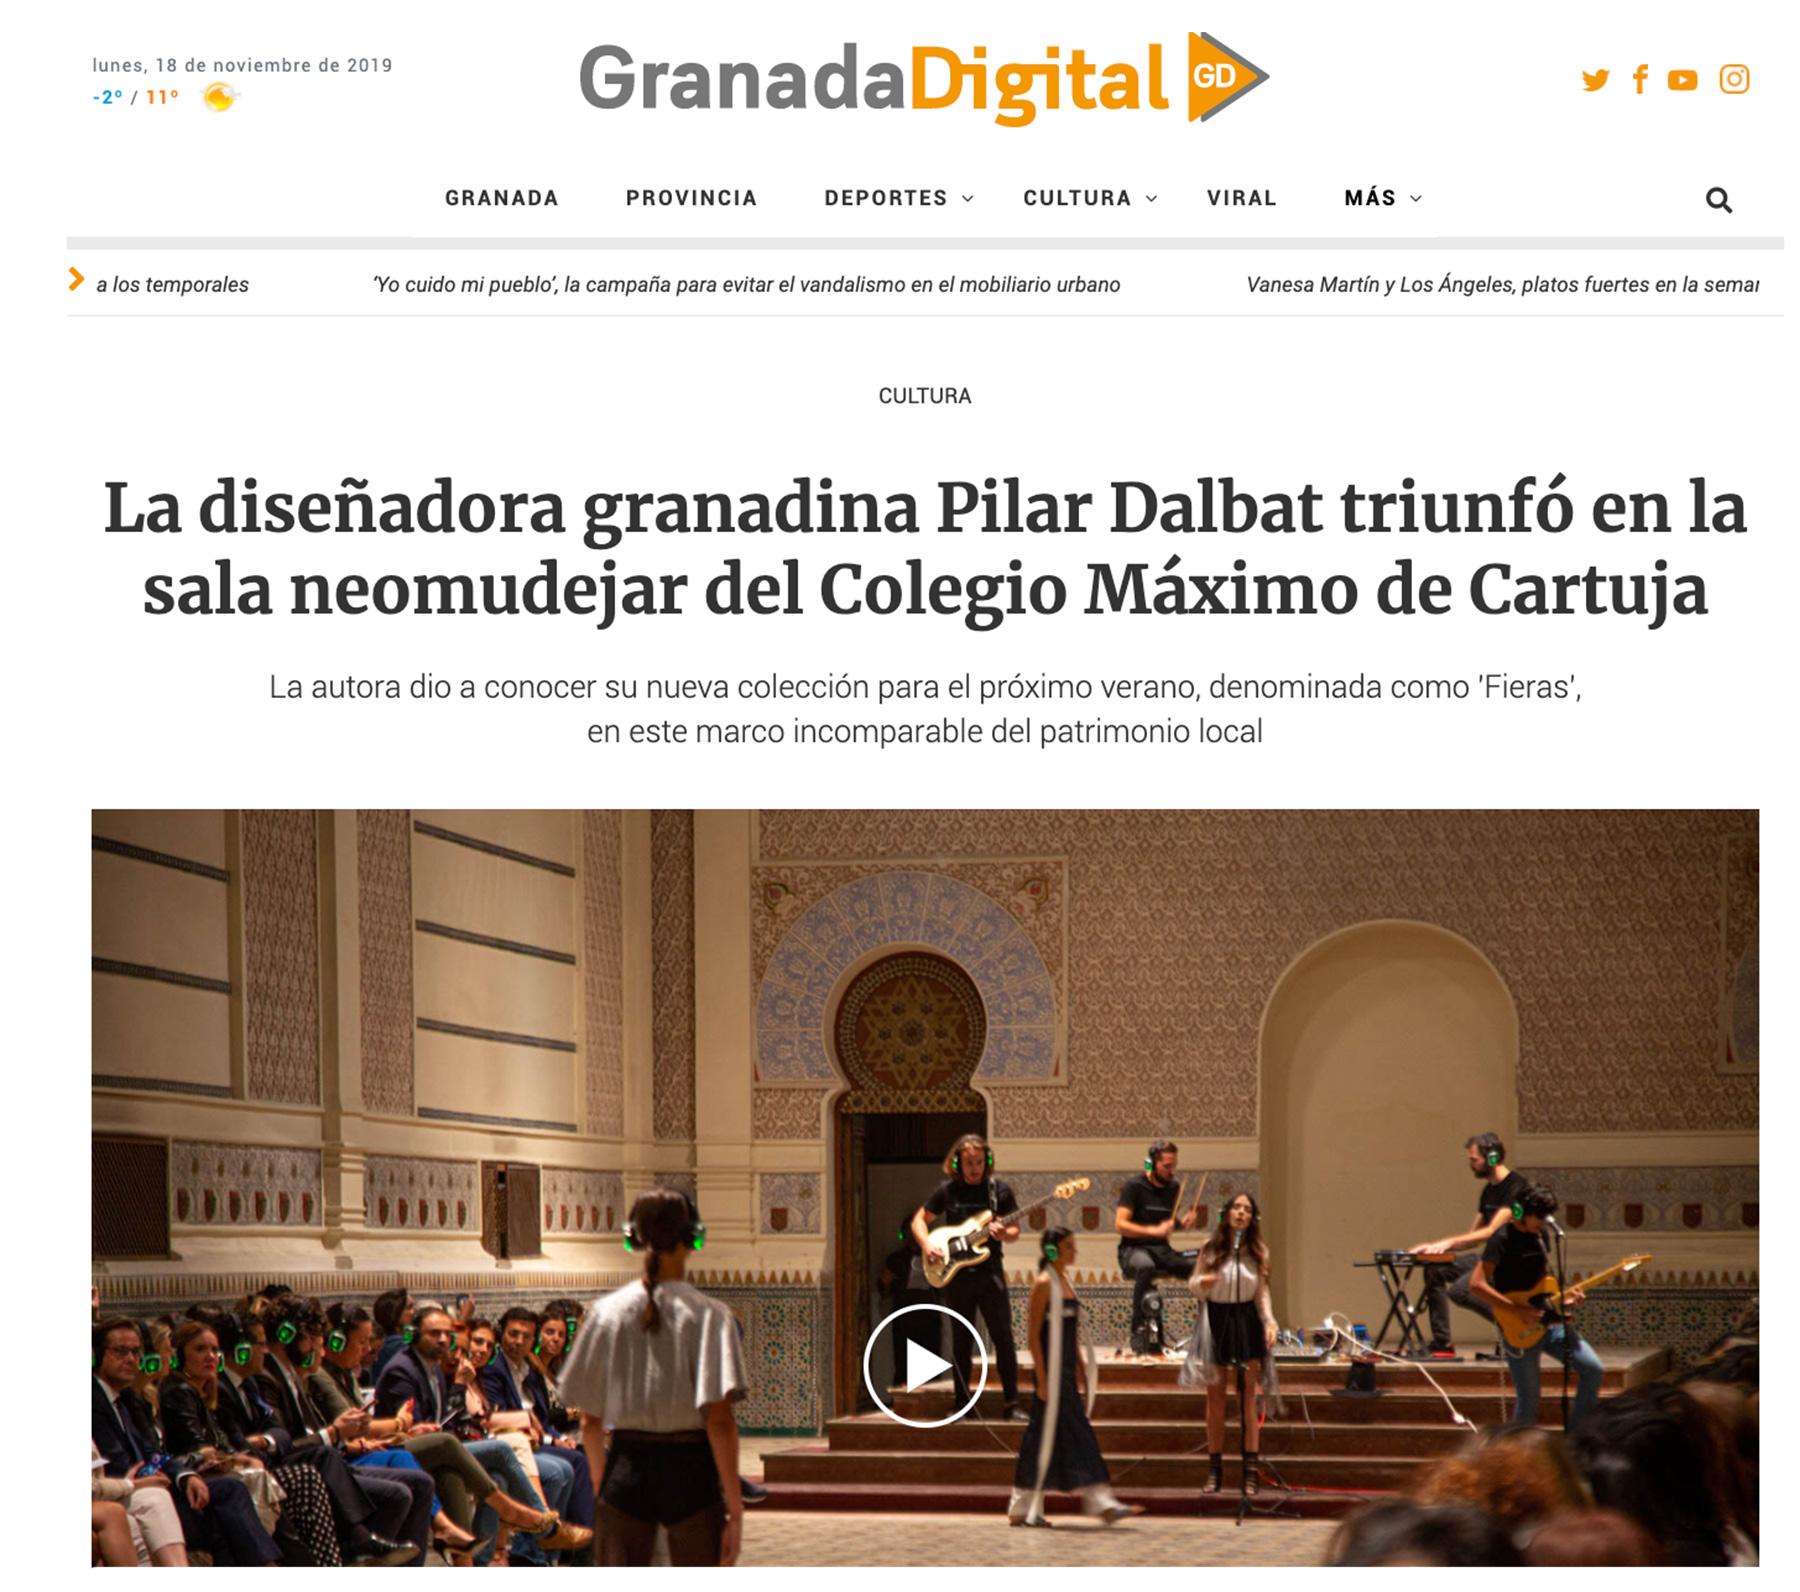 Pilar Dalbat - Granada Digital